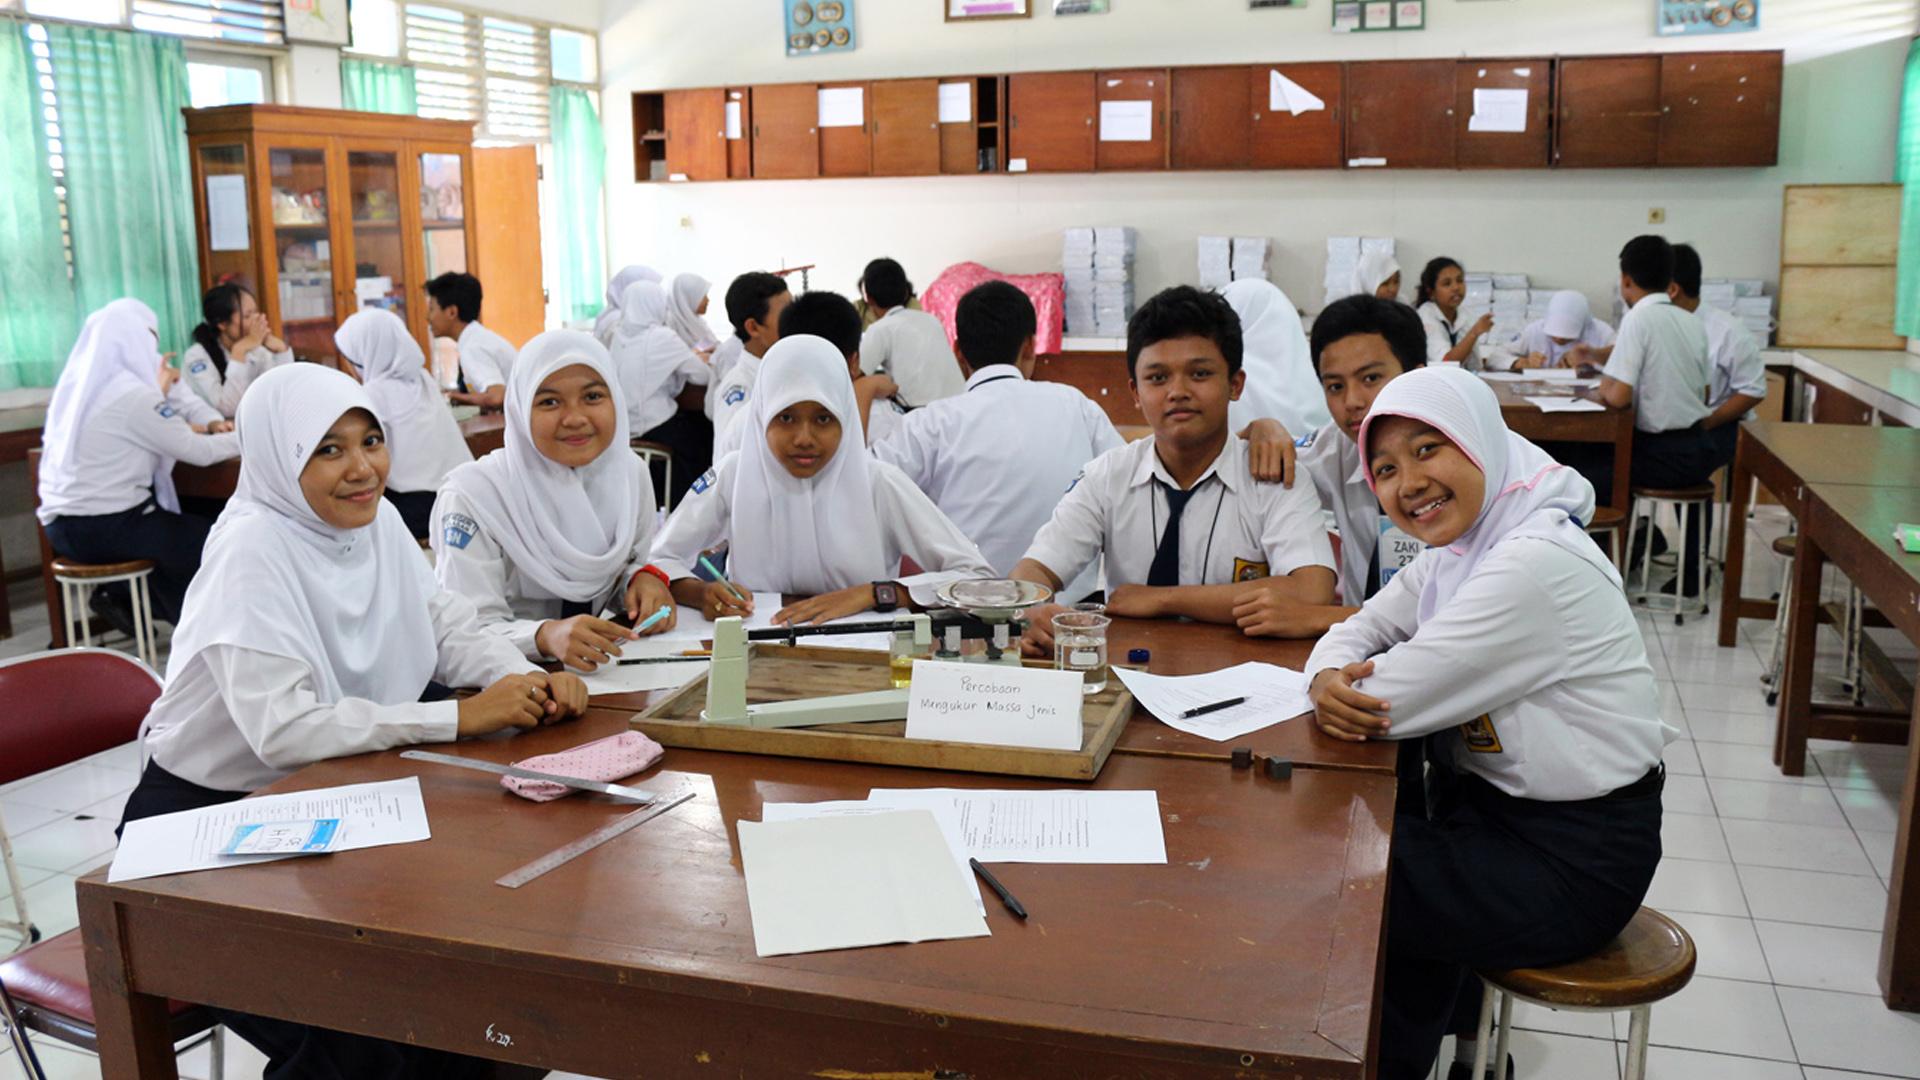 Laboratorium IPA SMP Negeri 1 Kalasan